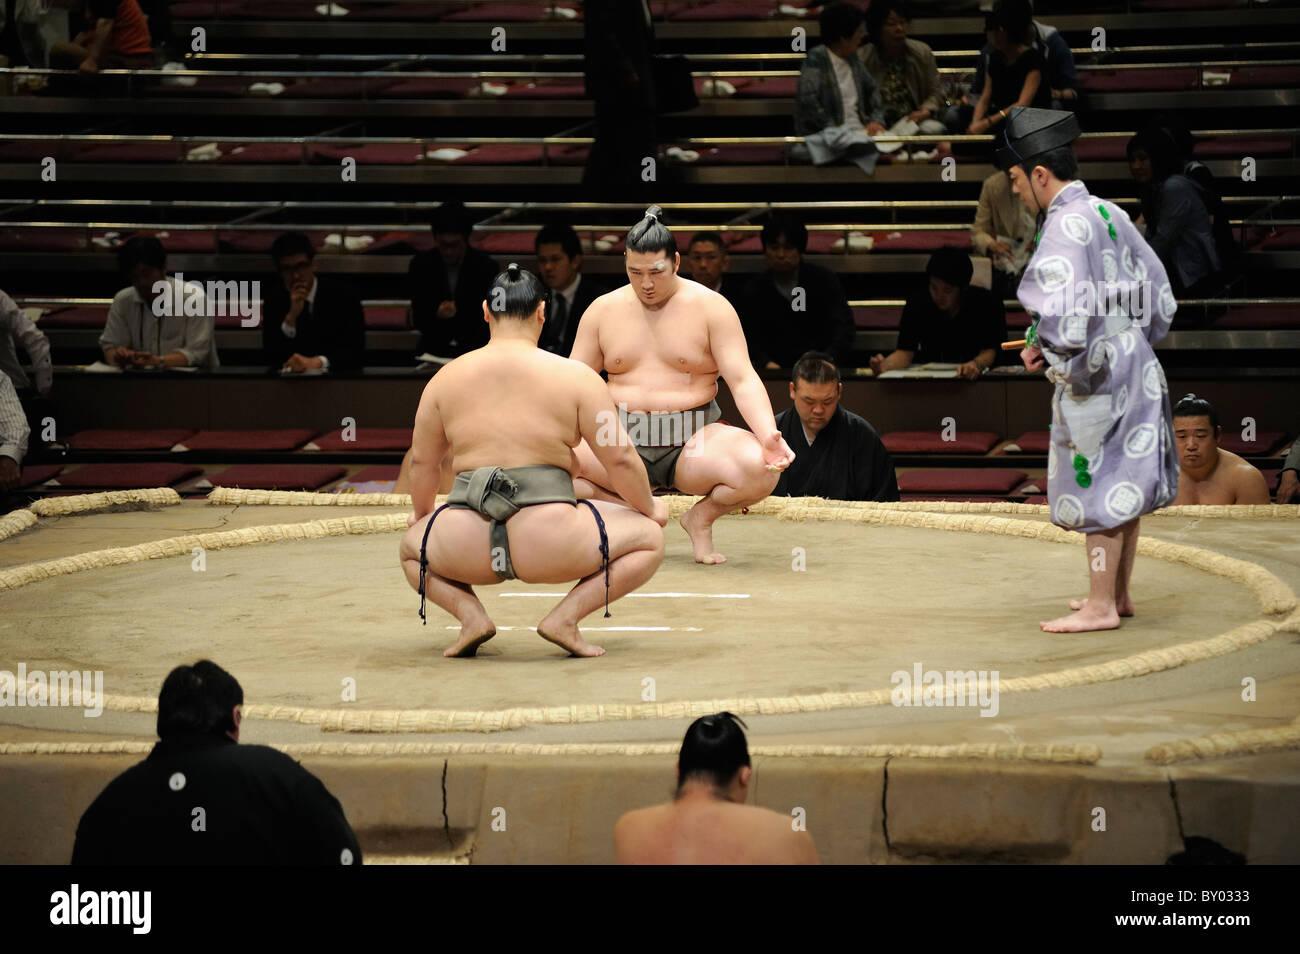 Due lottatori di sumo prima bout, Grandi Campionati di Sumo maggio 2010, Ryogoku Kokugikan, Tokyo, Giappone Foto Stock